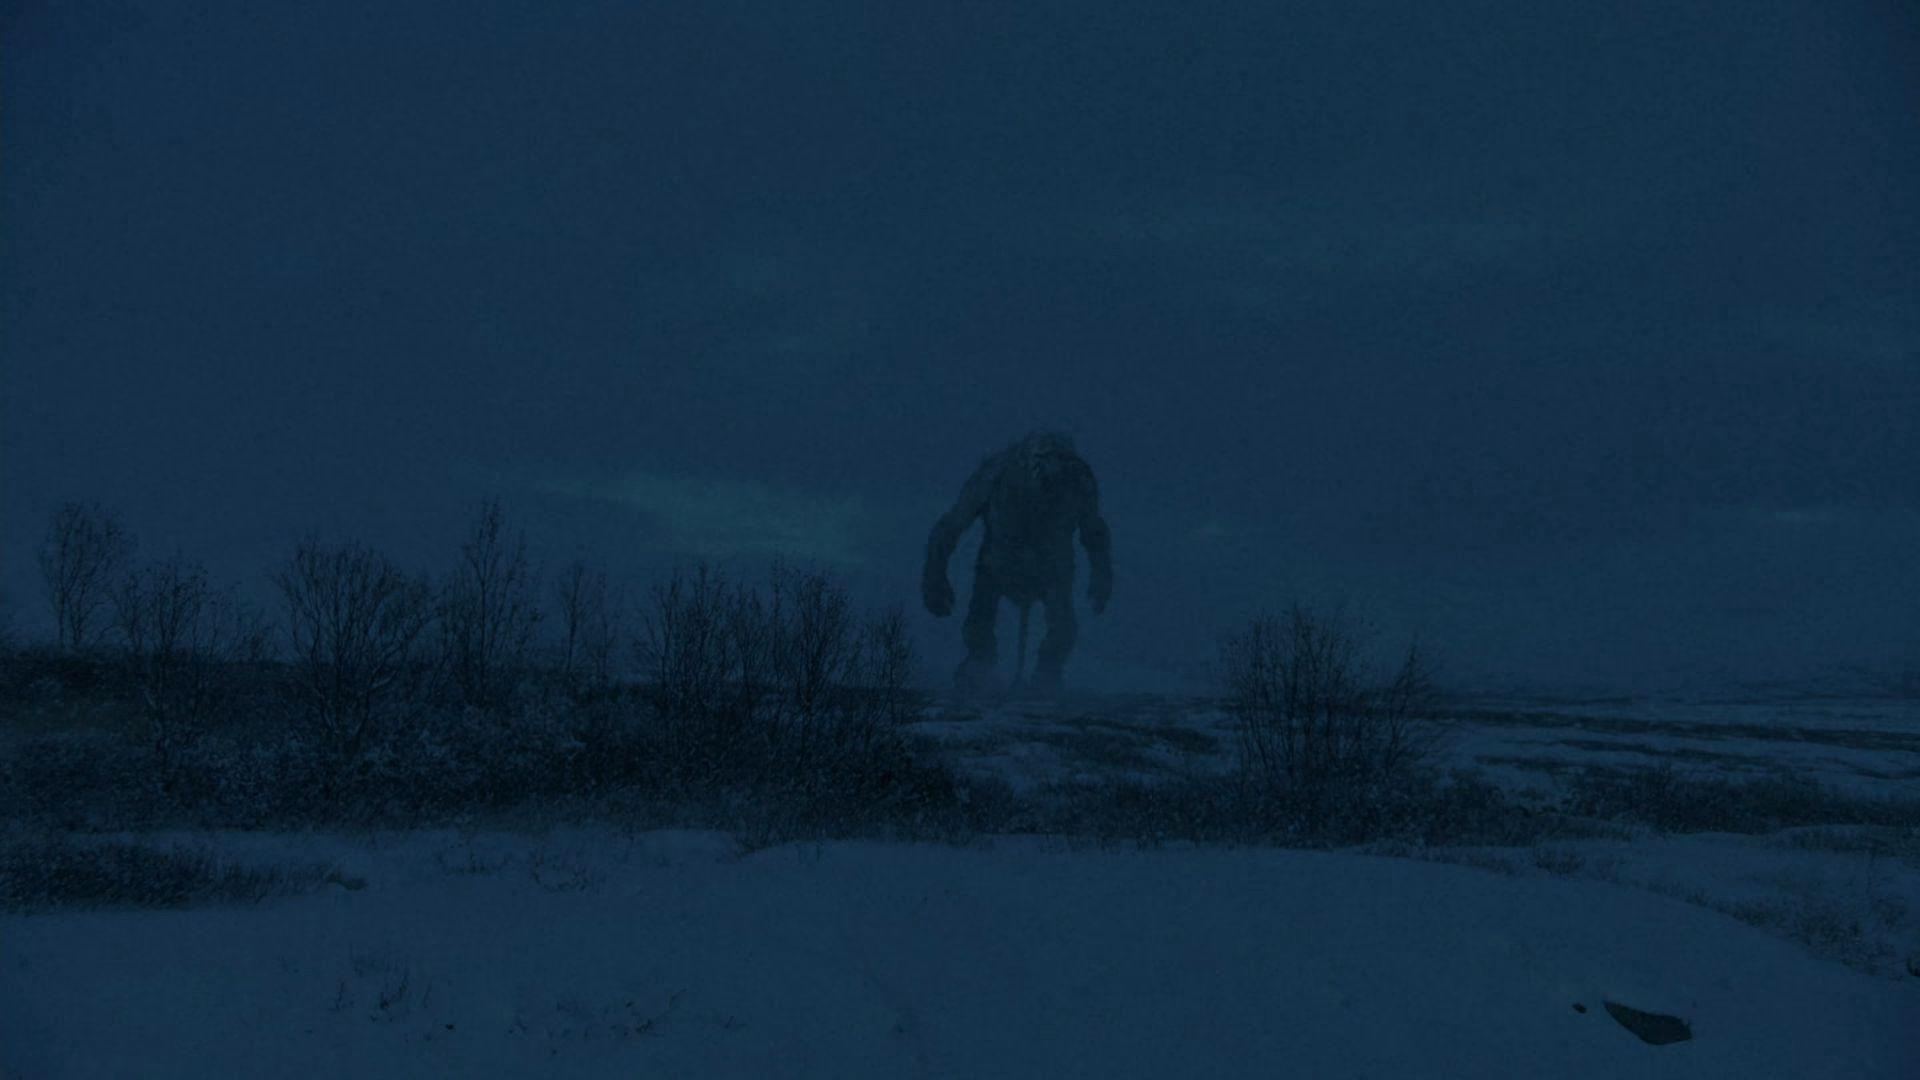 Screnshot of Trollhunter movie